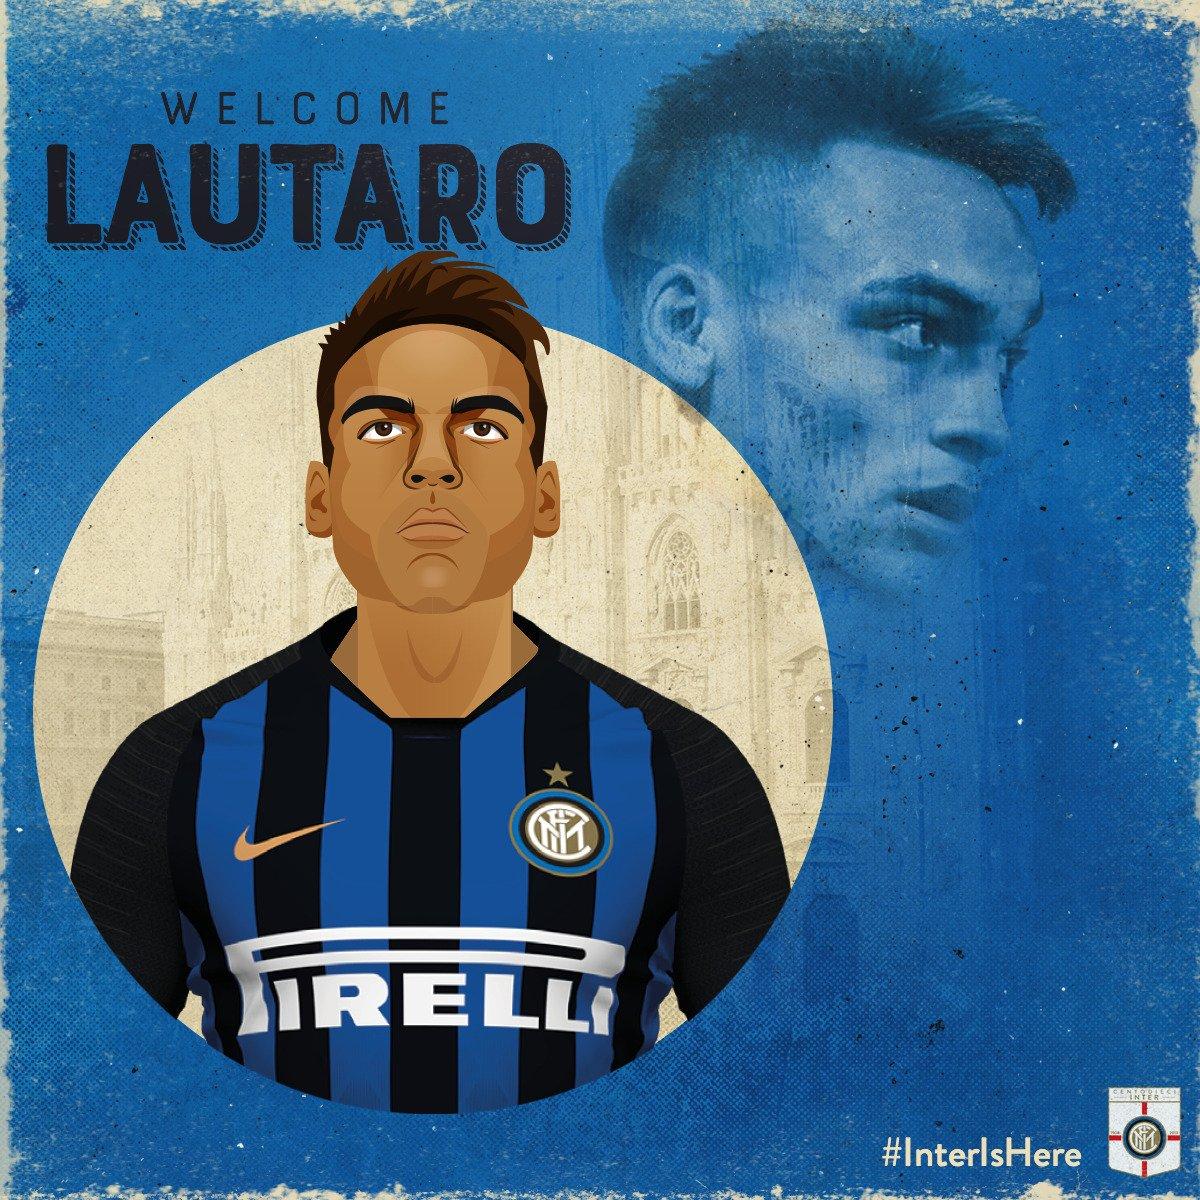 OFICIAL: ¡#BienvenidoLautaro! 🇦🇷⚫️🔵 El ex delantero de @RacingClub firmó contrato por 5 años. ✍️ 👉 bit.ly/LautaroInter